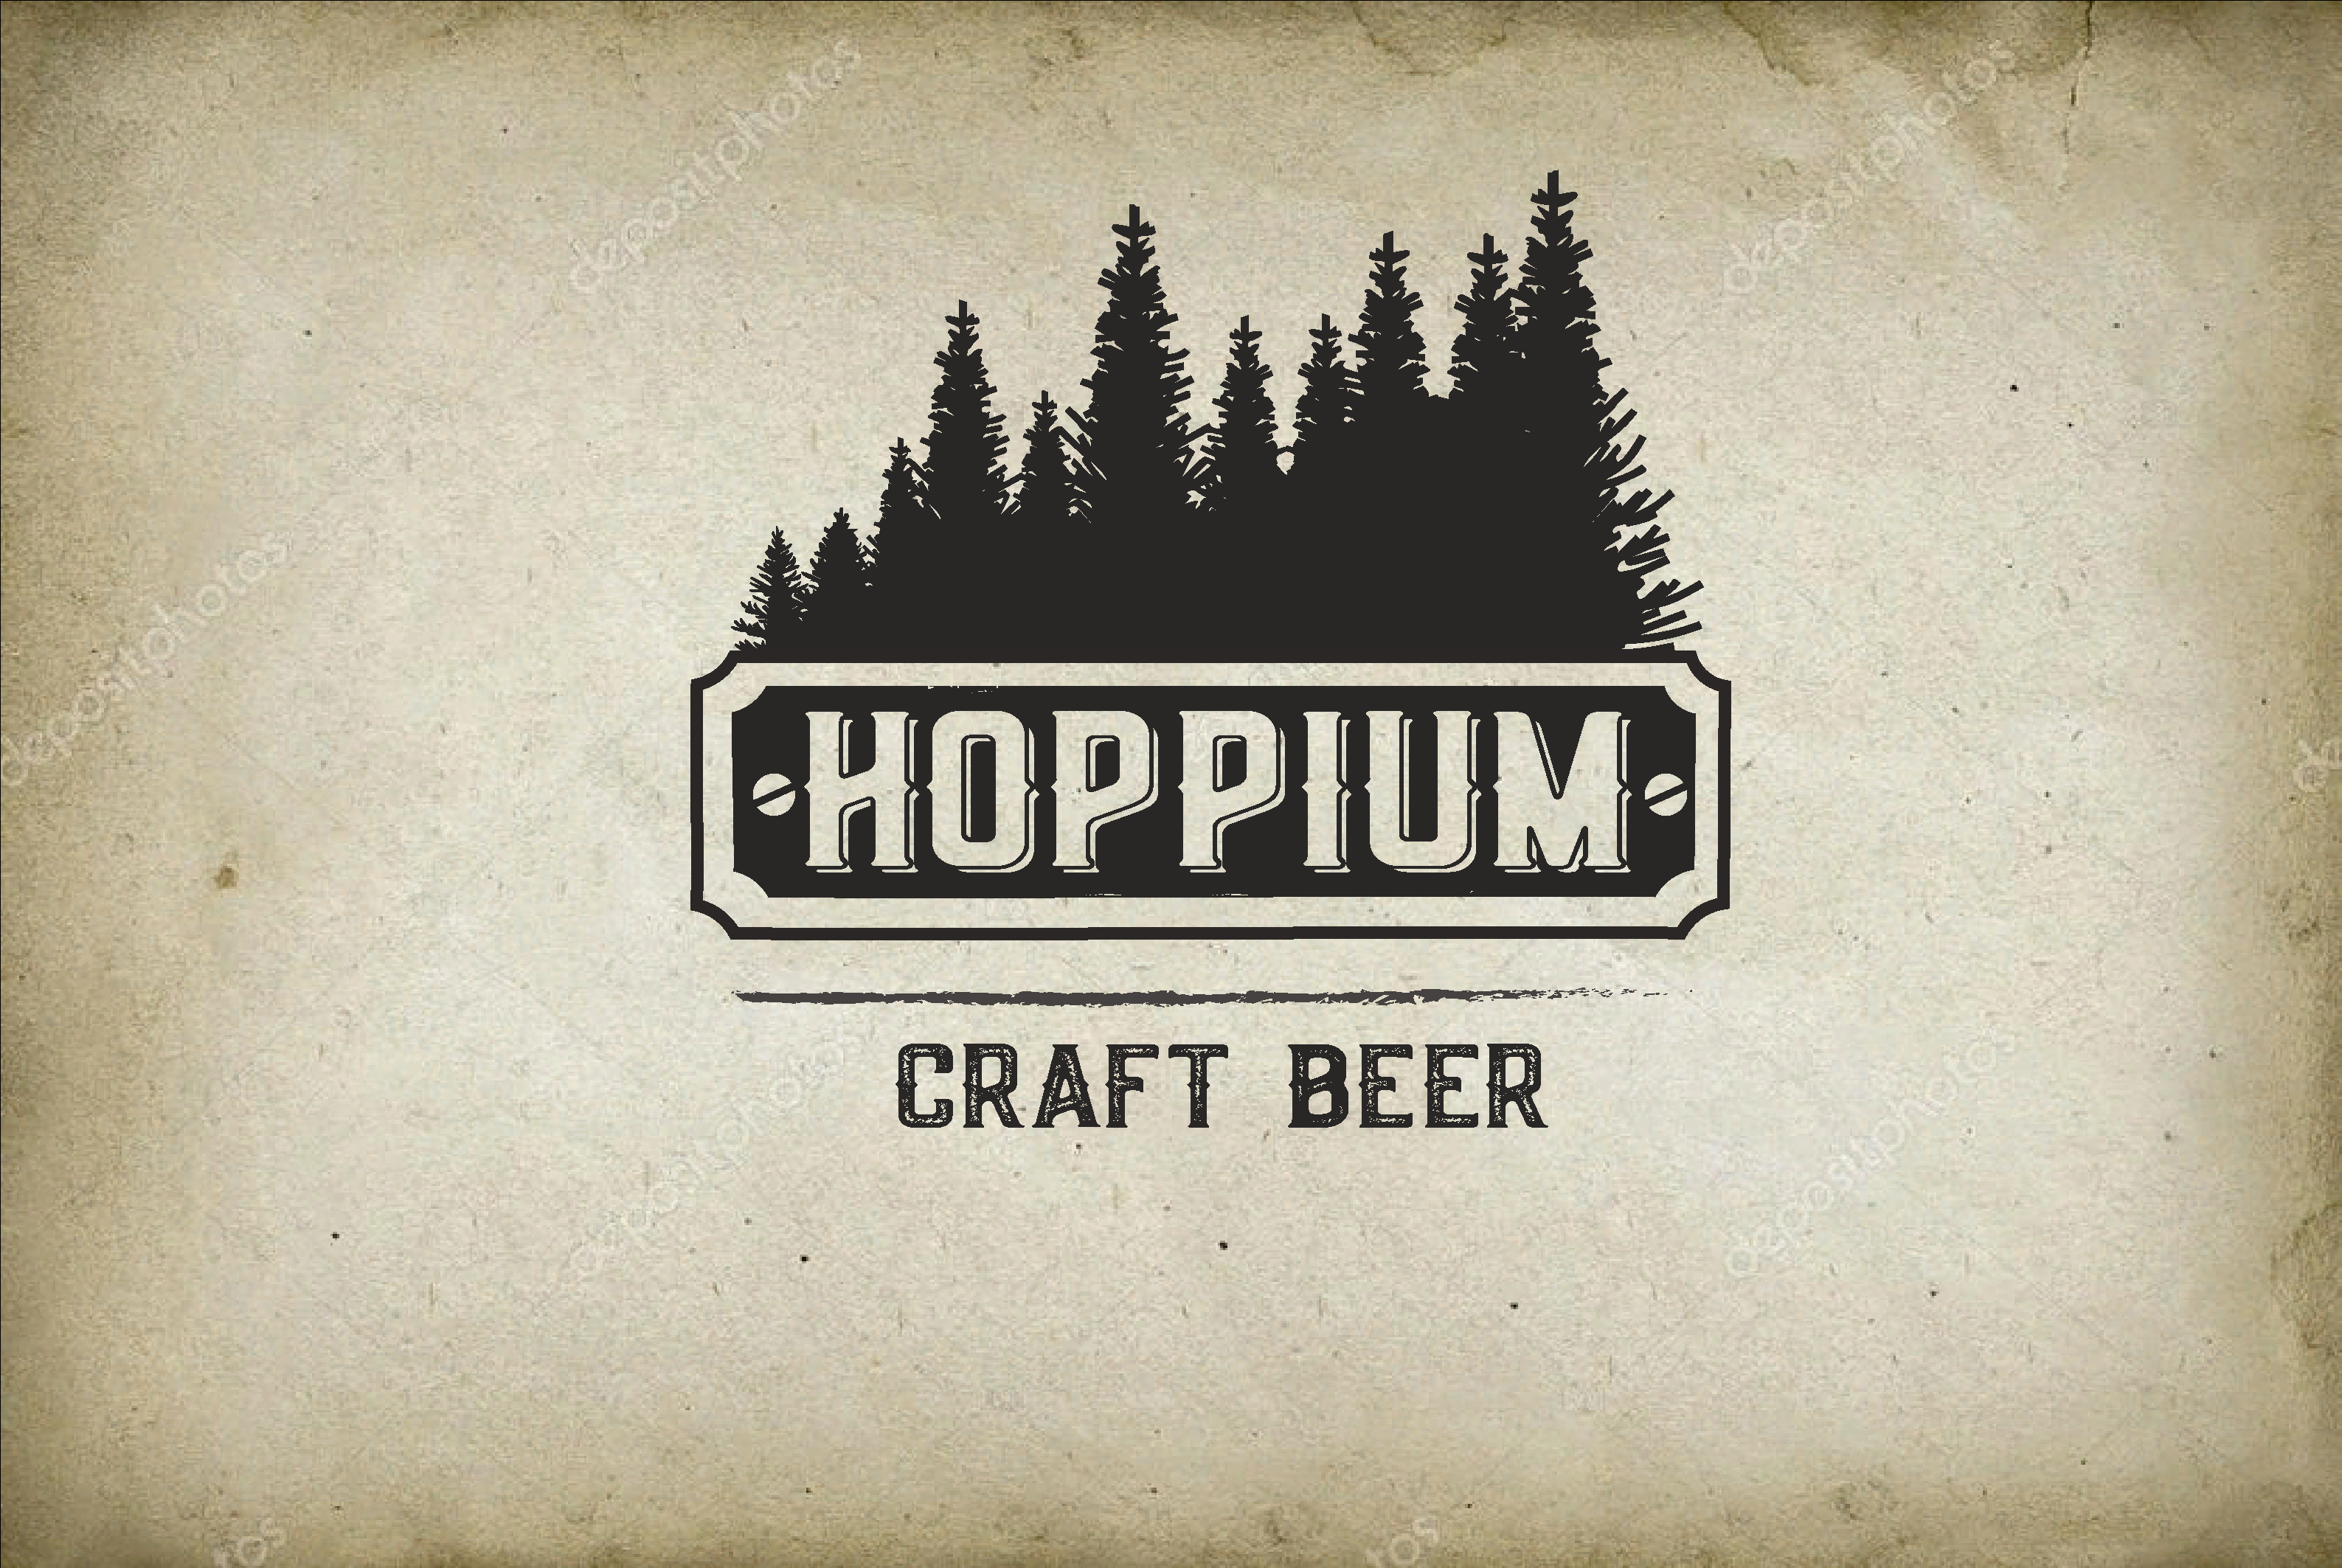 Логотип + Ценники для подмосковной крафтовой пивоварни фото f_2615dbfd355376d4.png